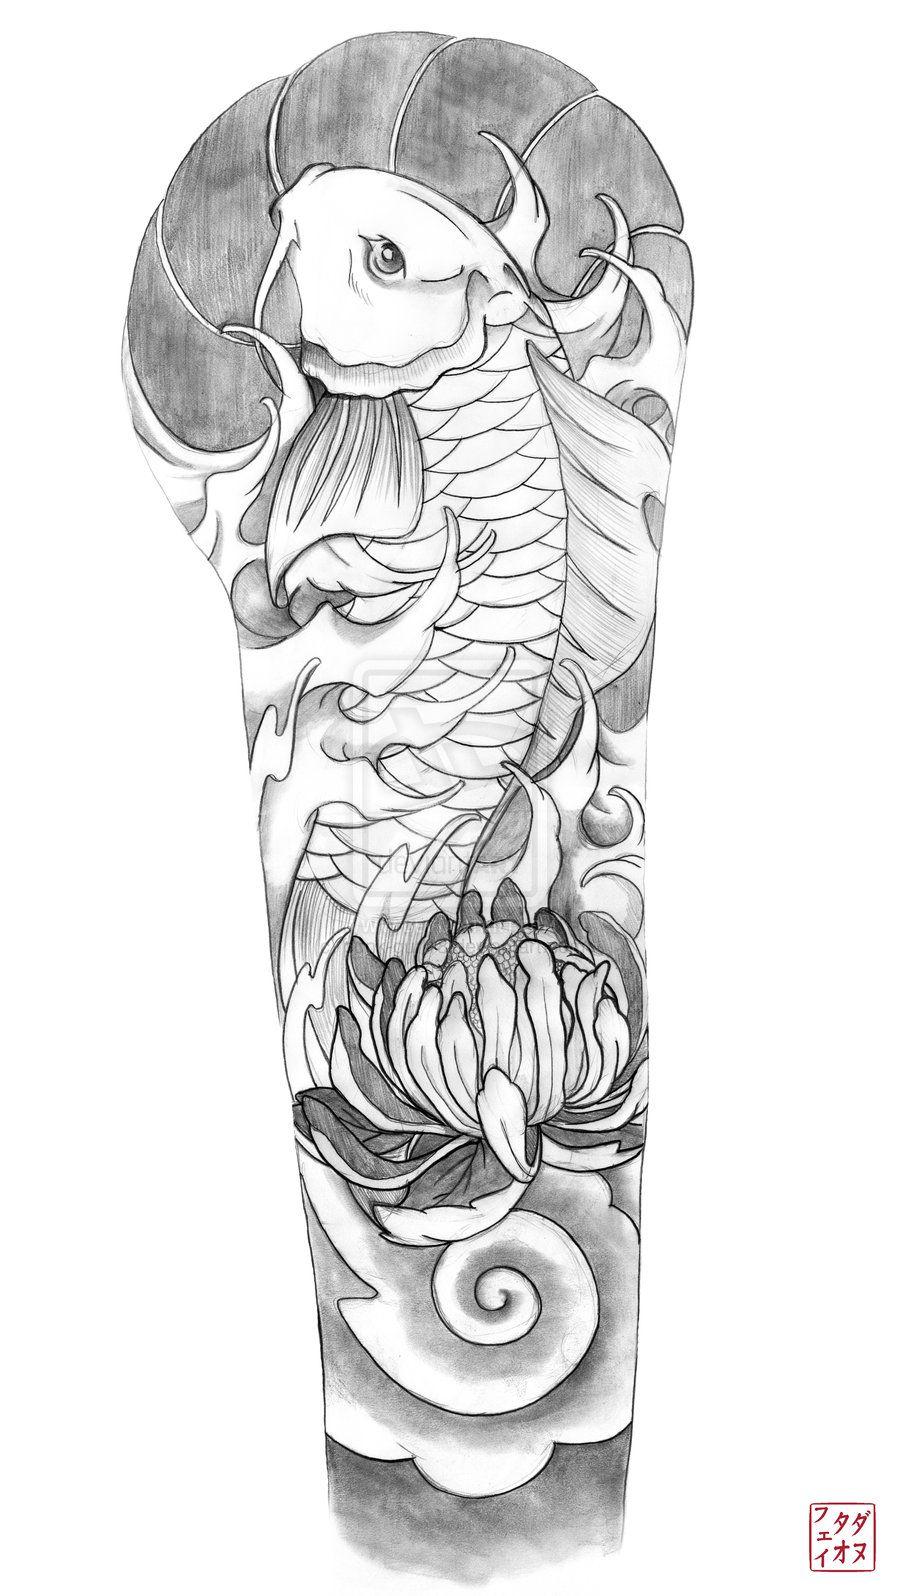 Koi Sleeve Tatuagem de meia manga, Tatuagem braço, Tatuagem